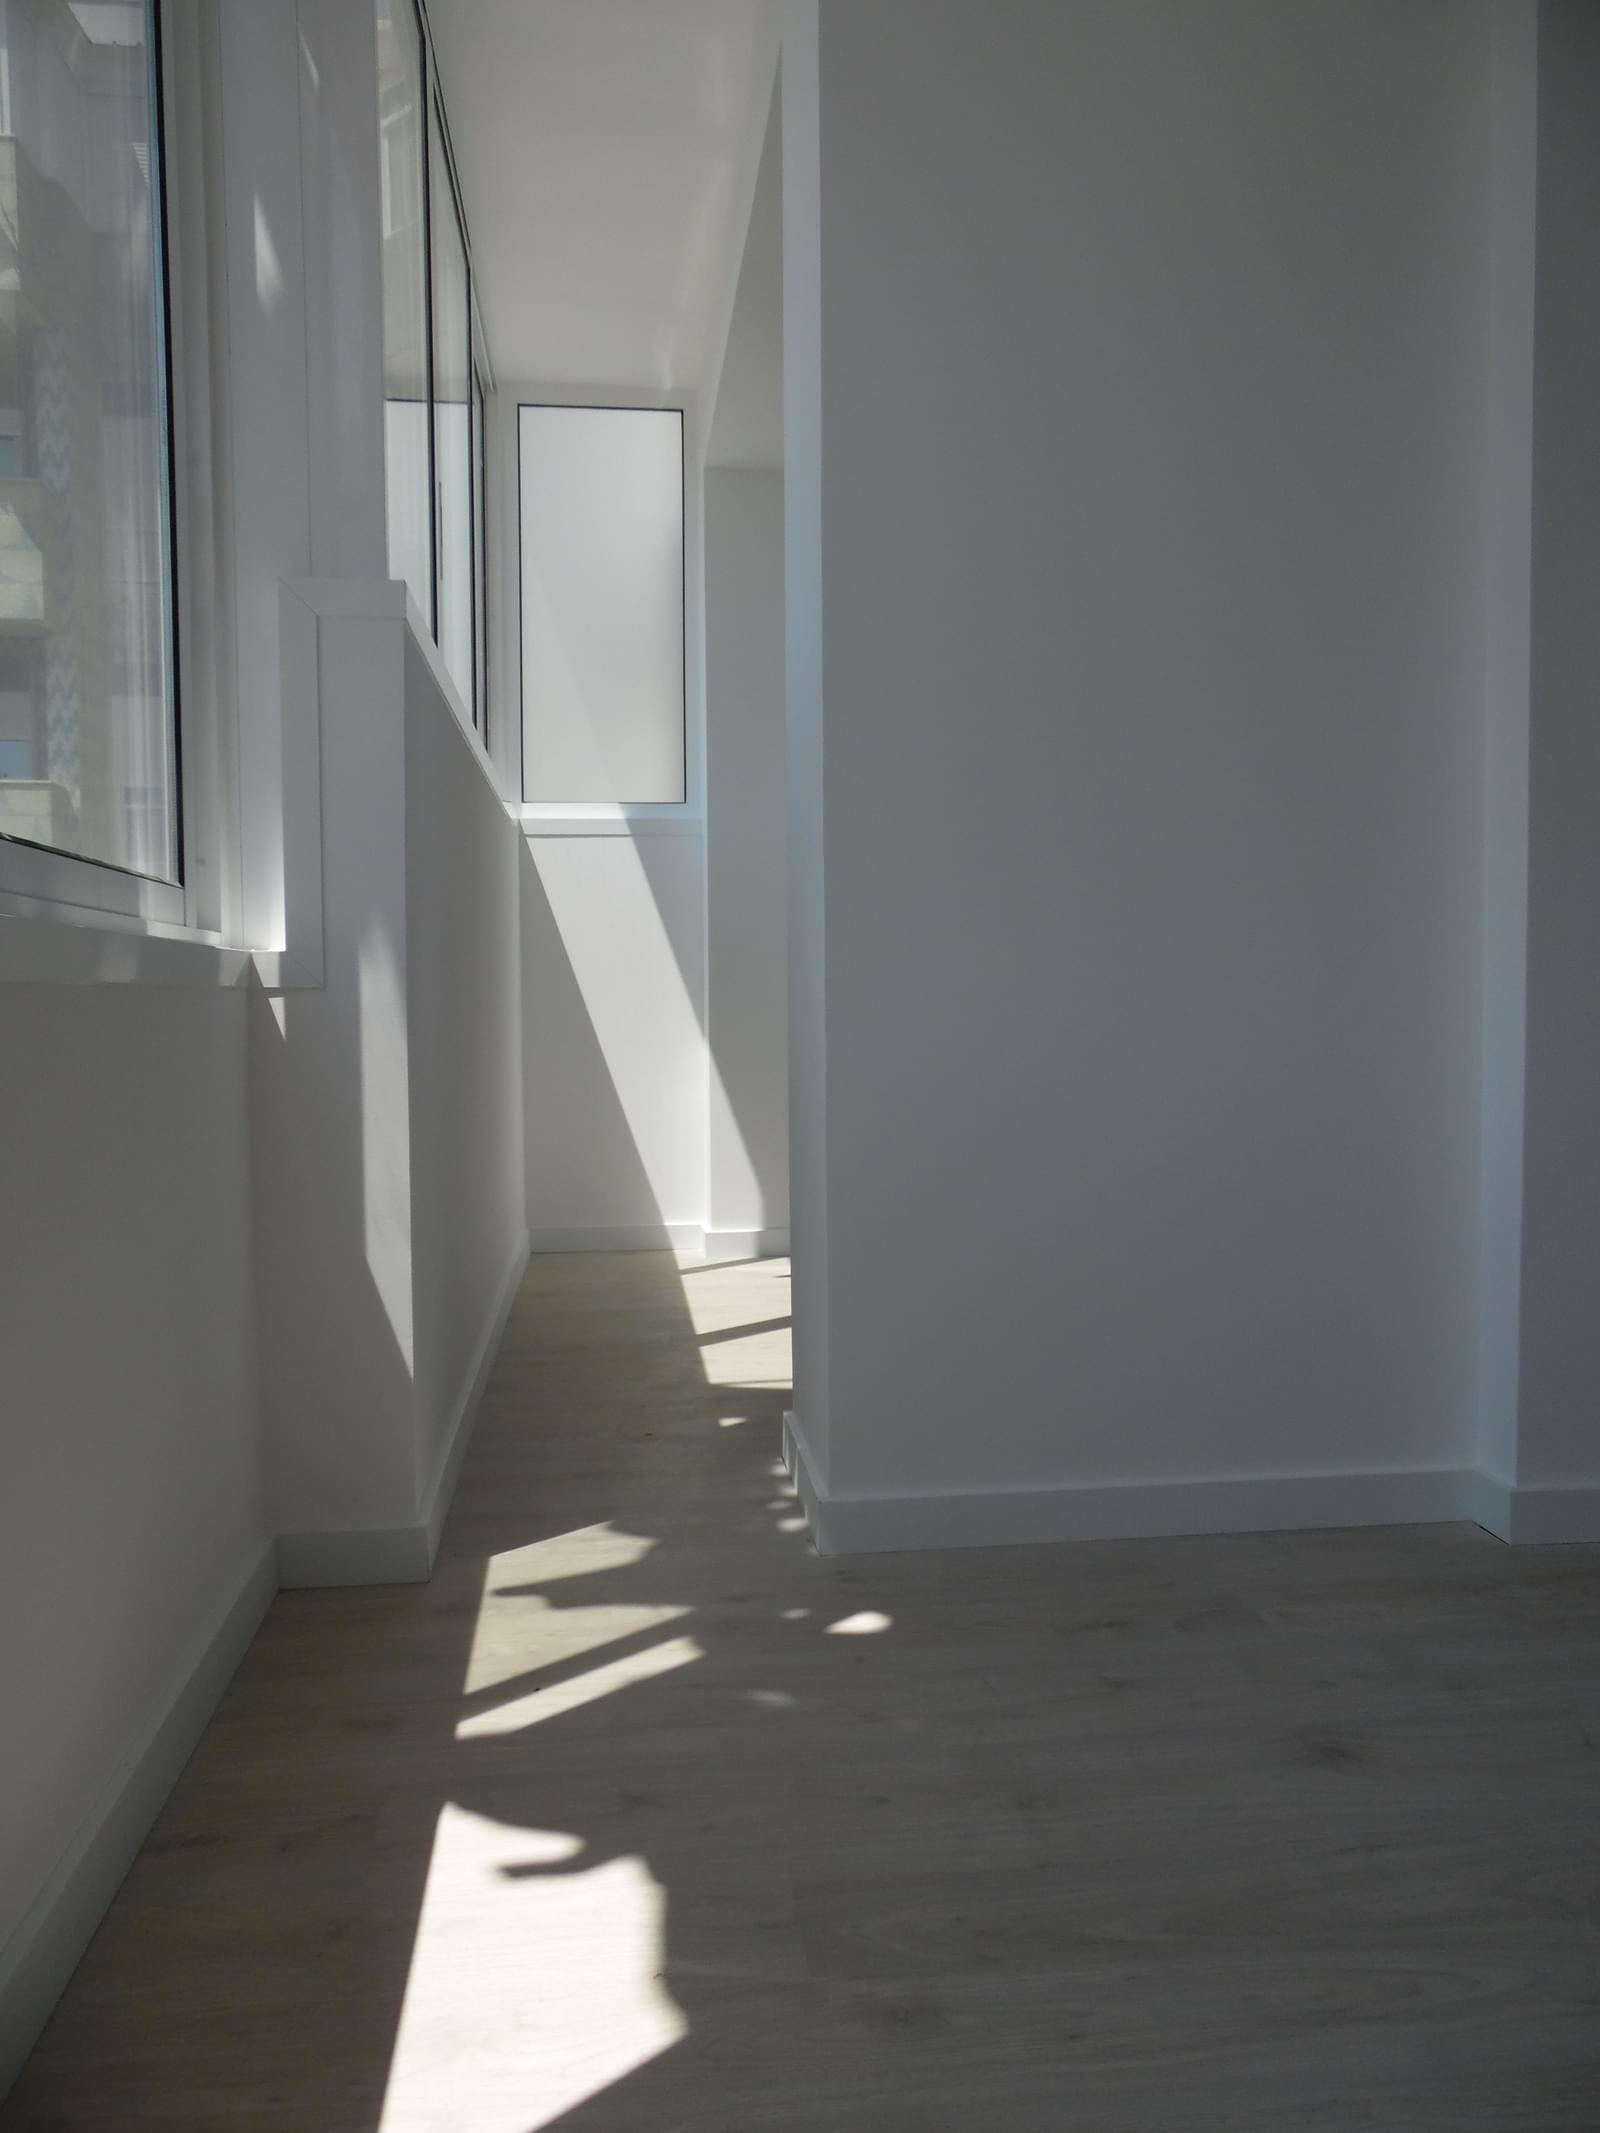 pf17195-apartamento-t3-oeiras-da17a562-262f-447b-8072-9d3f57fa9bb0